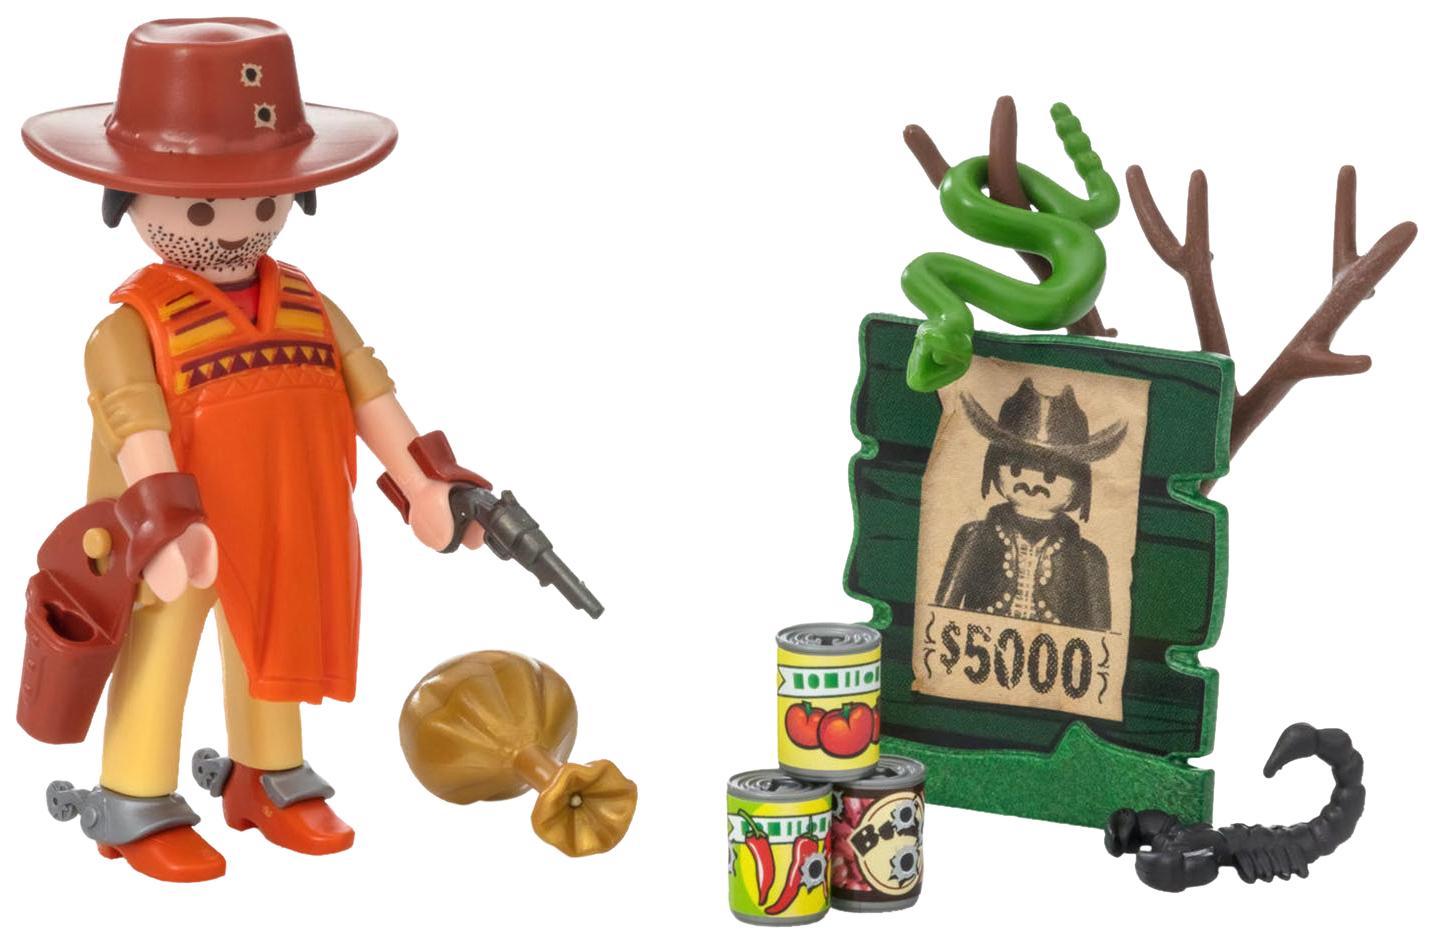 Купить Игровой набор Playmobil Экстра-набор:Ковбой с постером Разыскивается, Игровые наборы